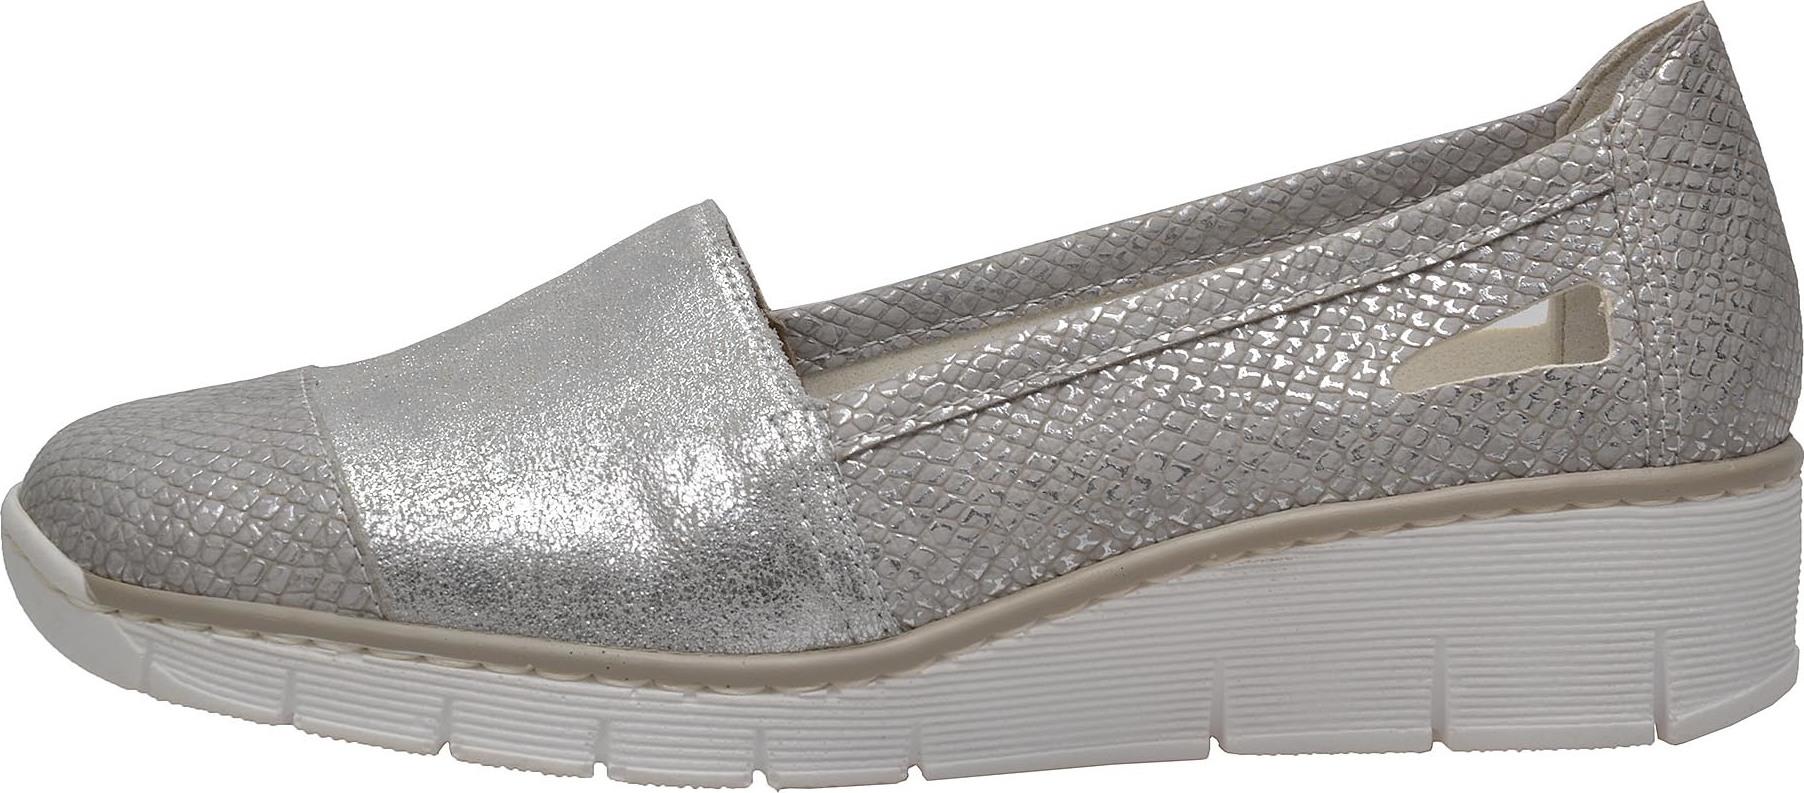 Dámská obuv RIEKER 53758 90 SILBER PLATIN F S 8 – Rieker Antistress 5558016ed1